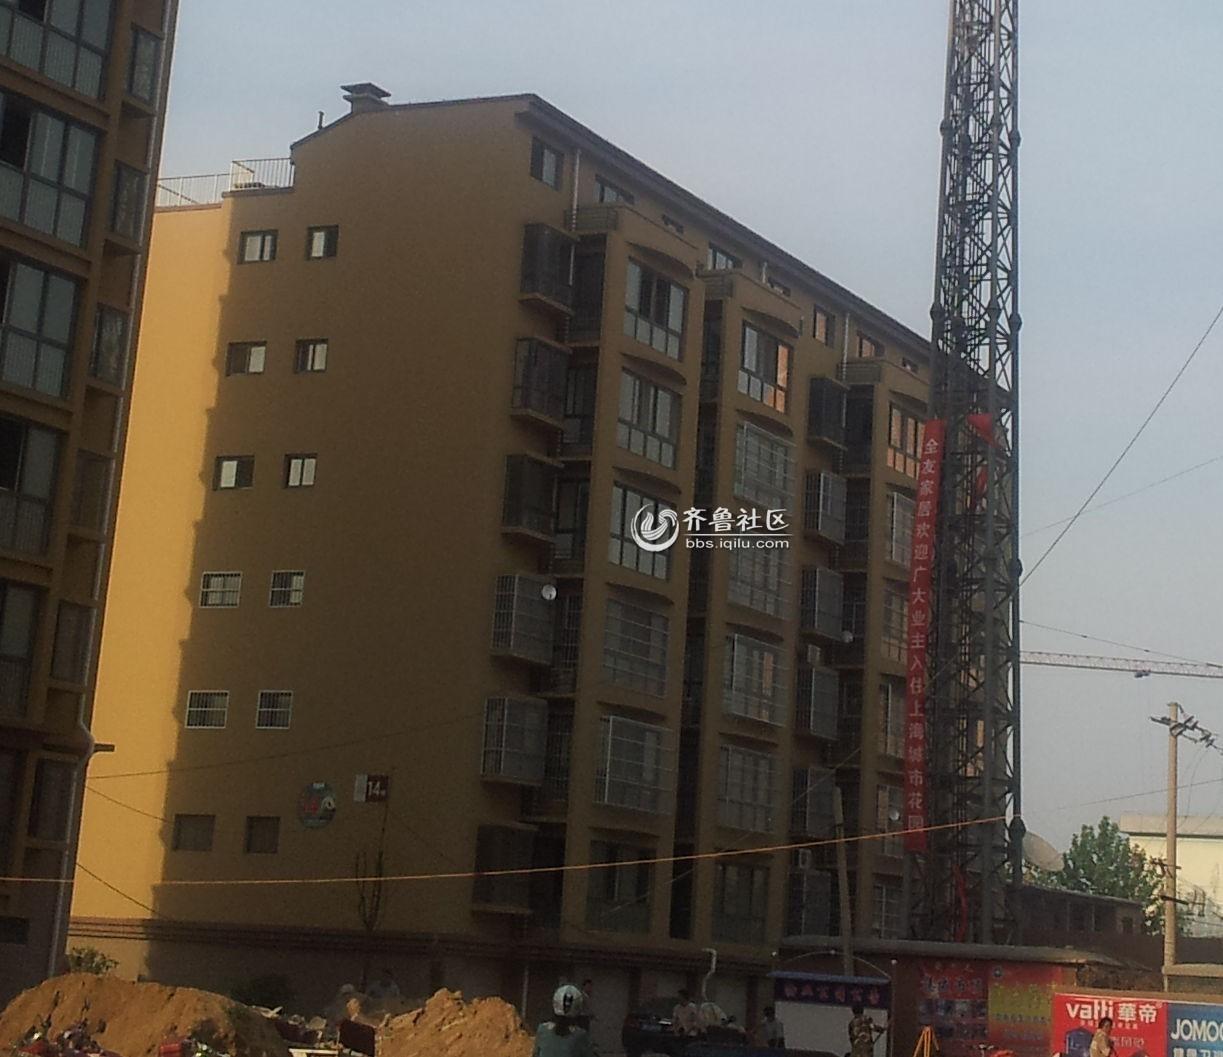 中国移动楼_新城市花园居民楼改成中国移动通信发射塔了